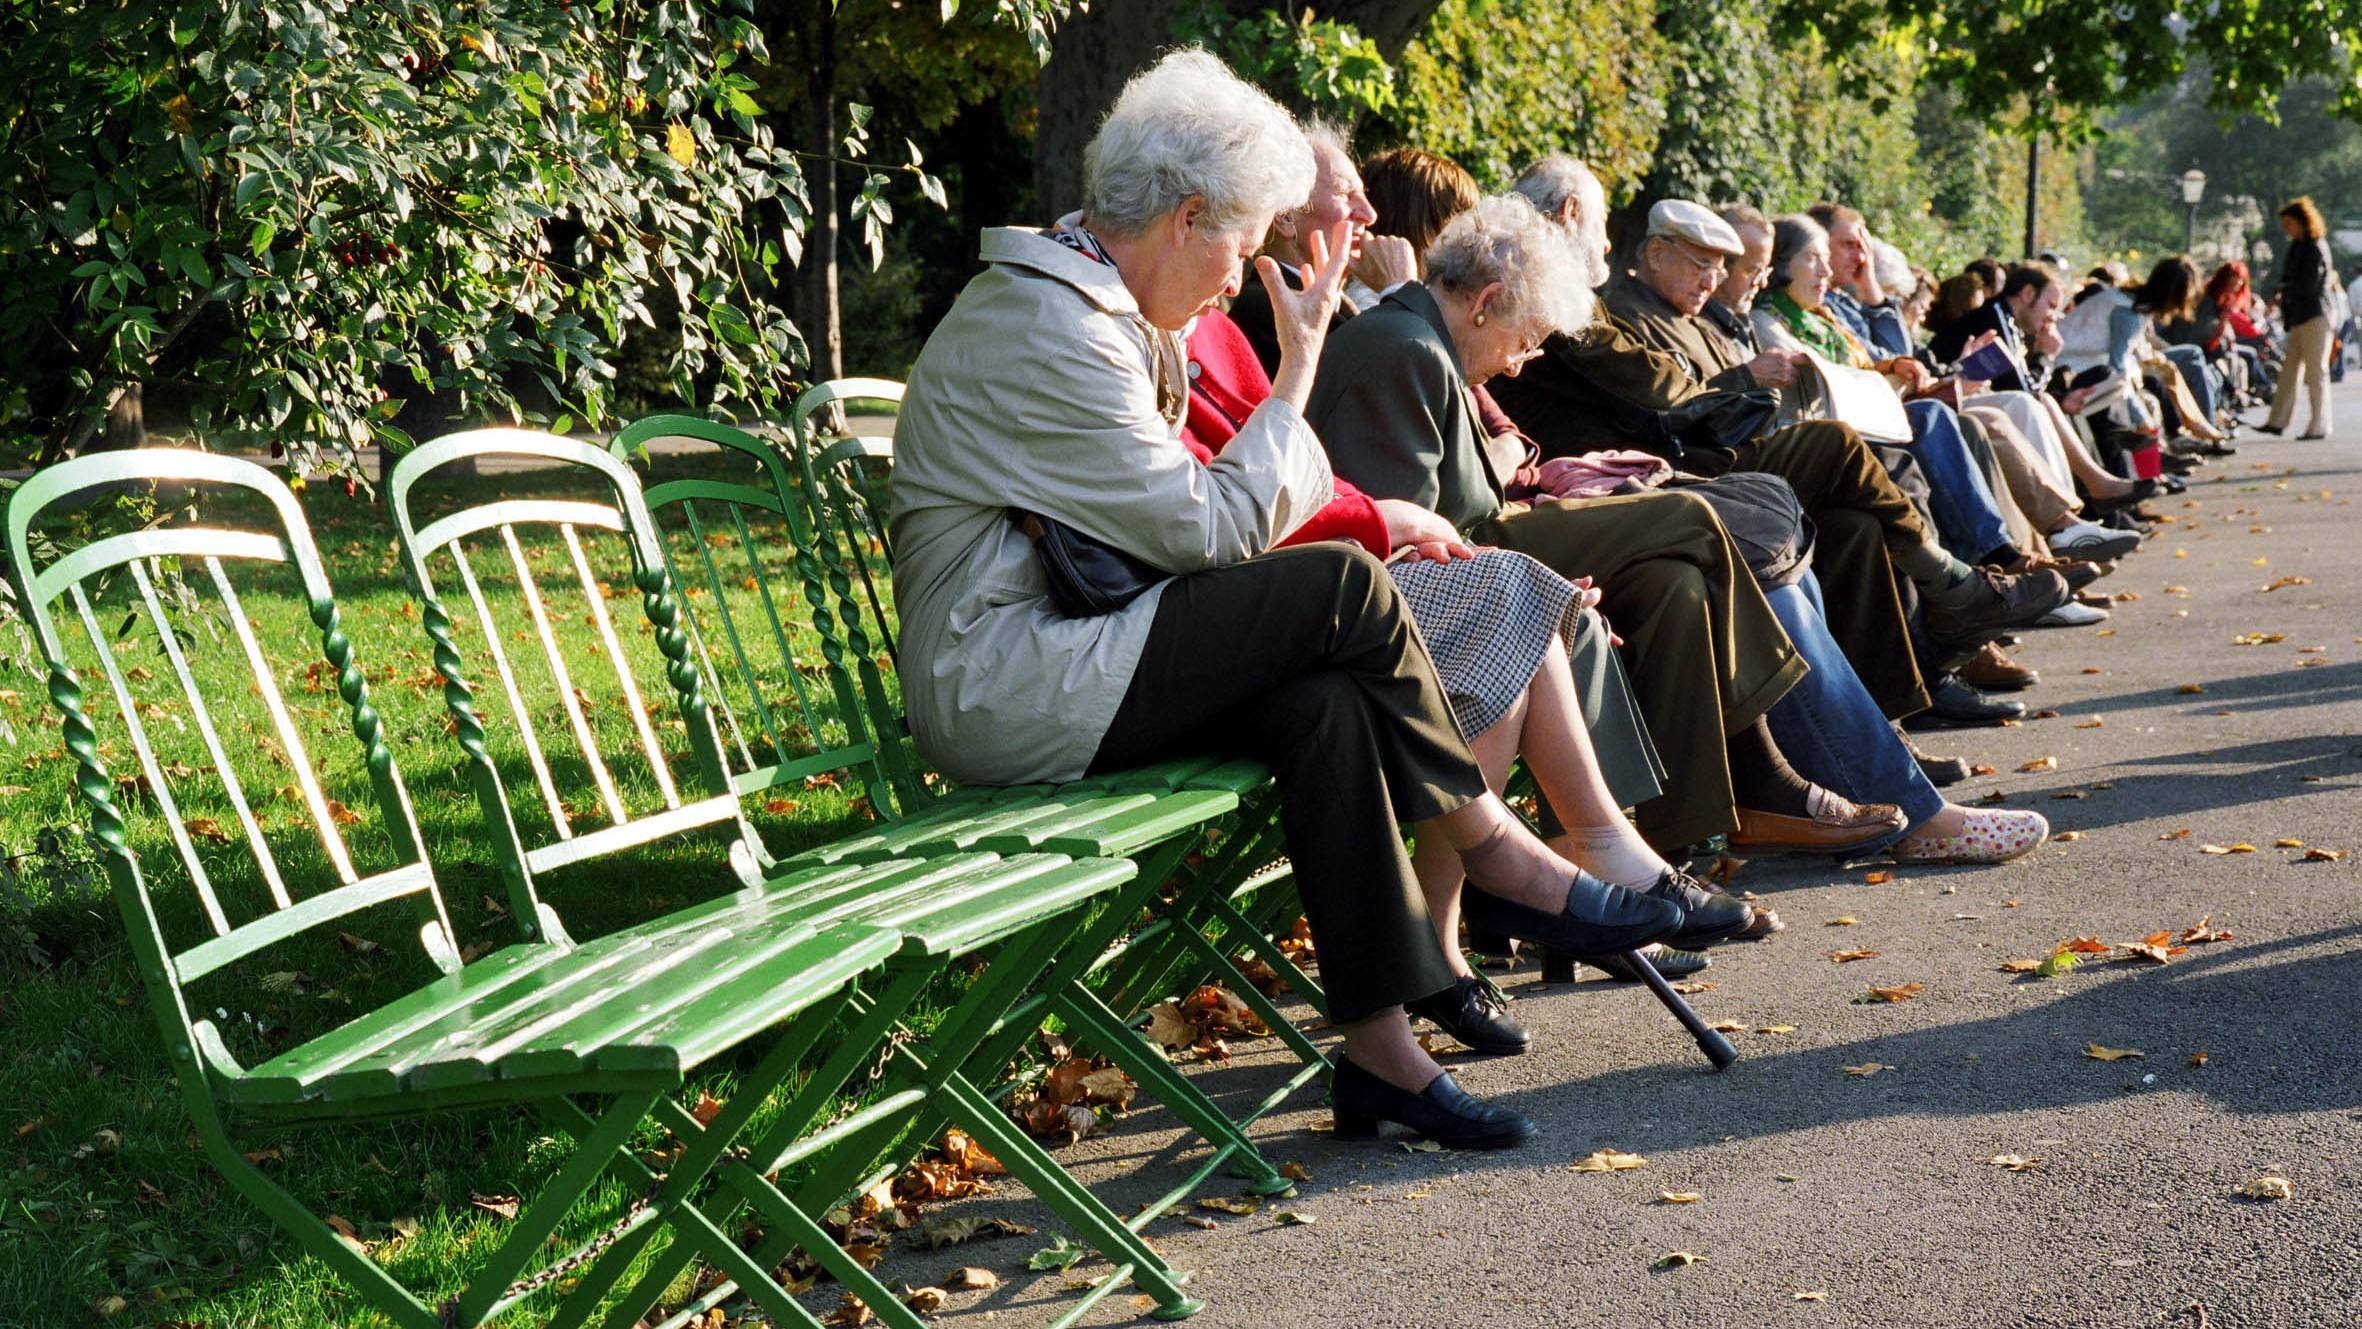 Dôchodcovia sedia na lavičke_jeseň_rozprávajú sa_ilustračné